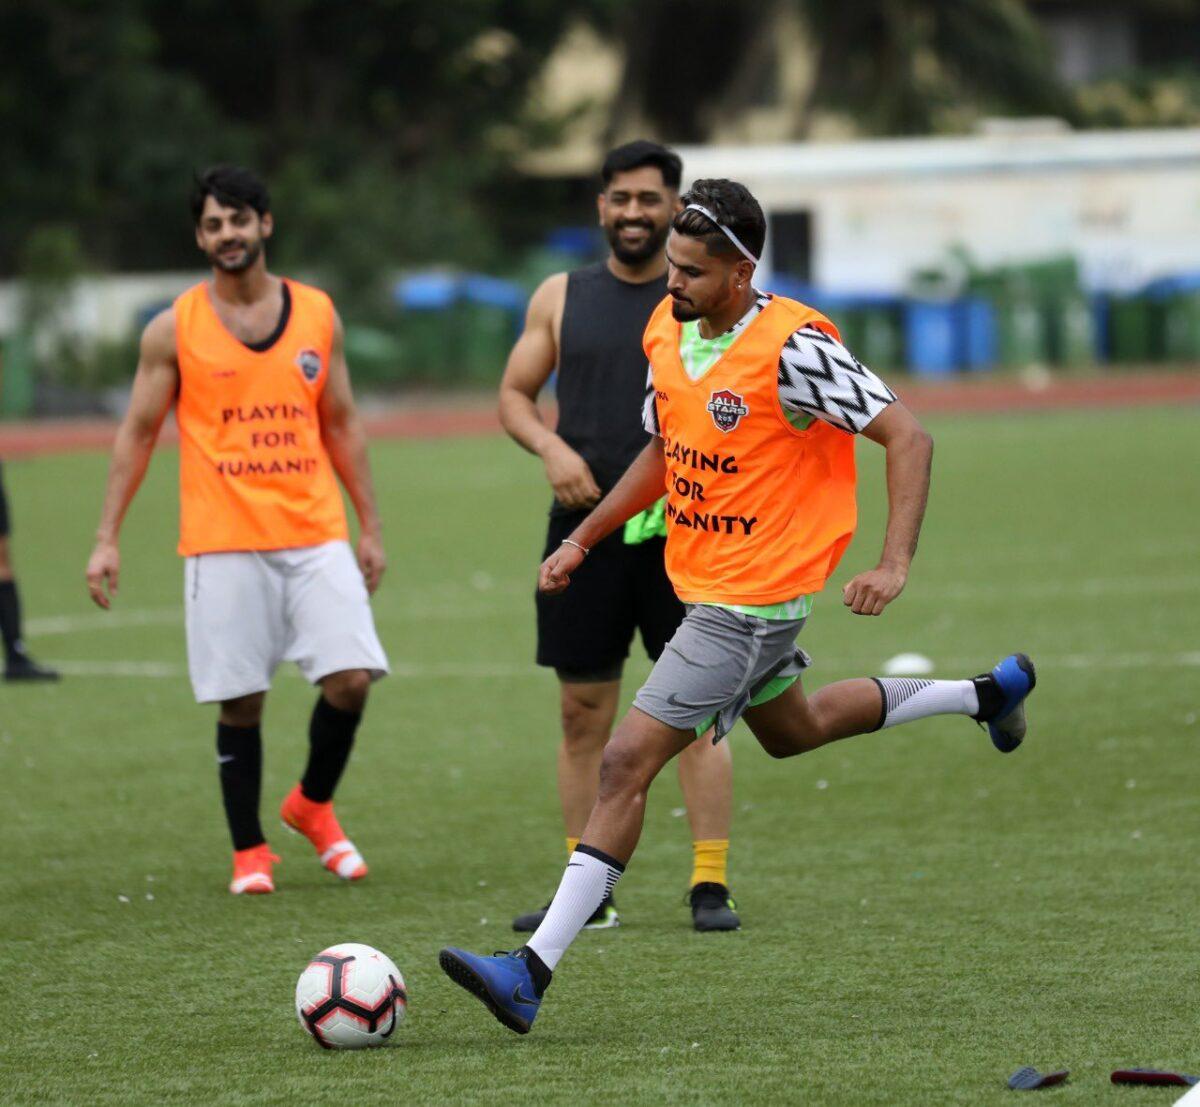 দেখুন : চোট সারিয়ে ধোনির সাথে ফুটবল খেলতে শুরু করে দিলেন শ্রেয়াস আইয়ার, হতবাক ক্রিকেট বিশ্ব 1